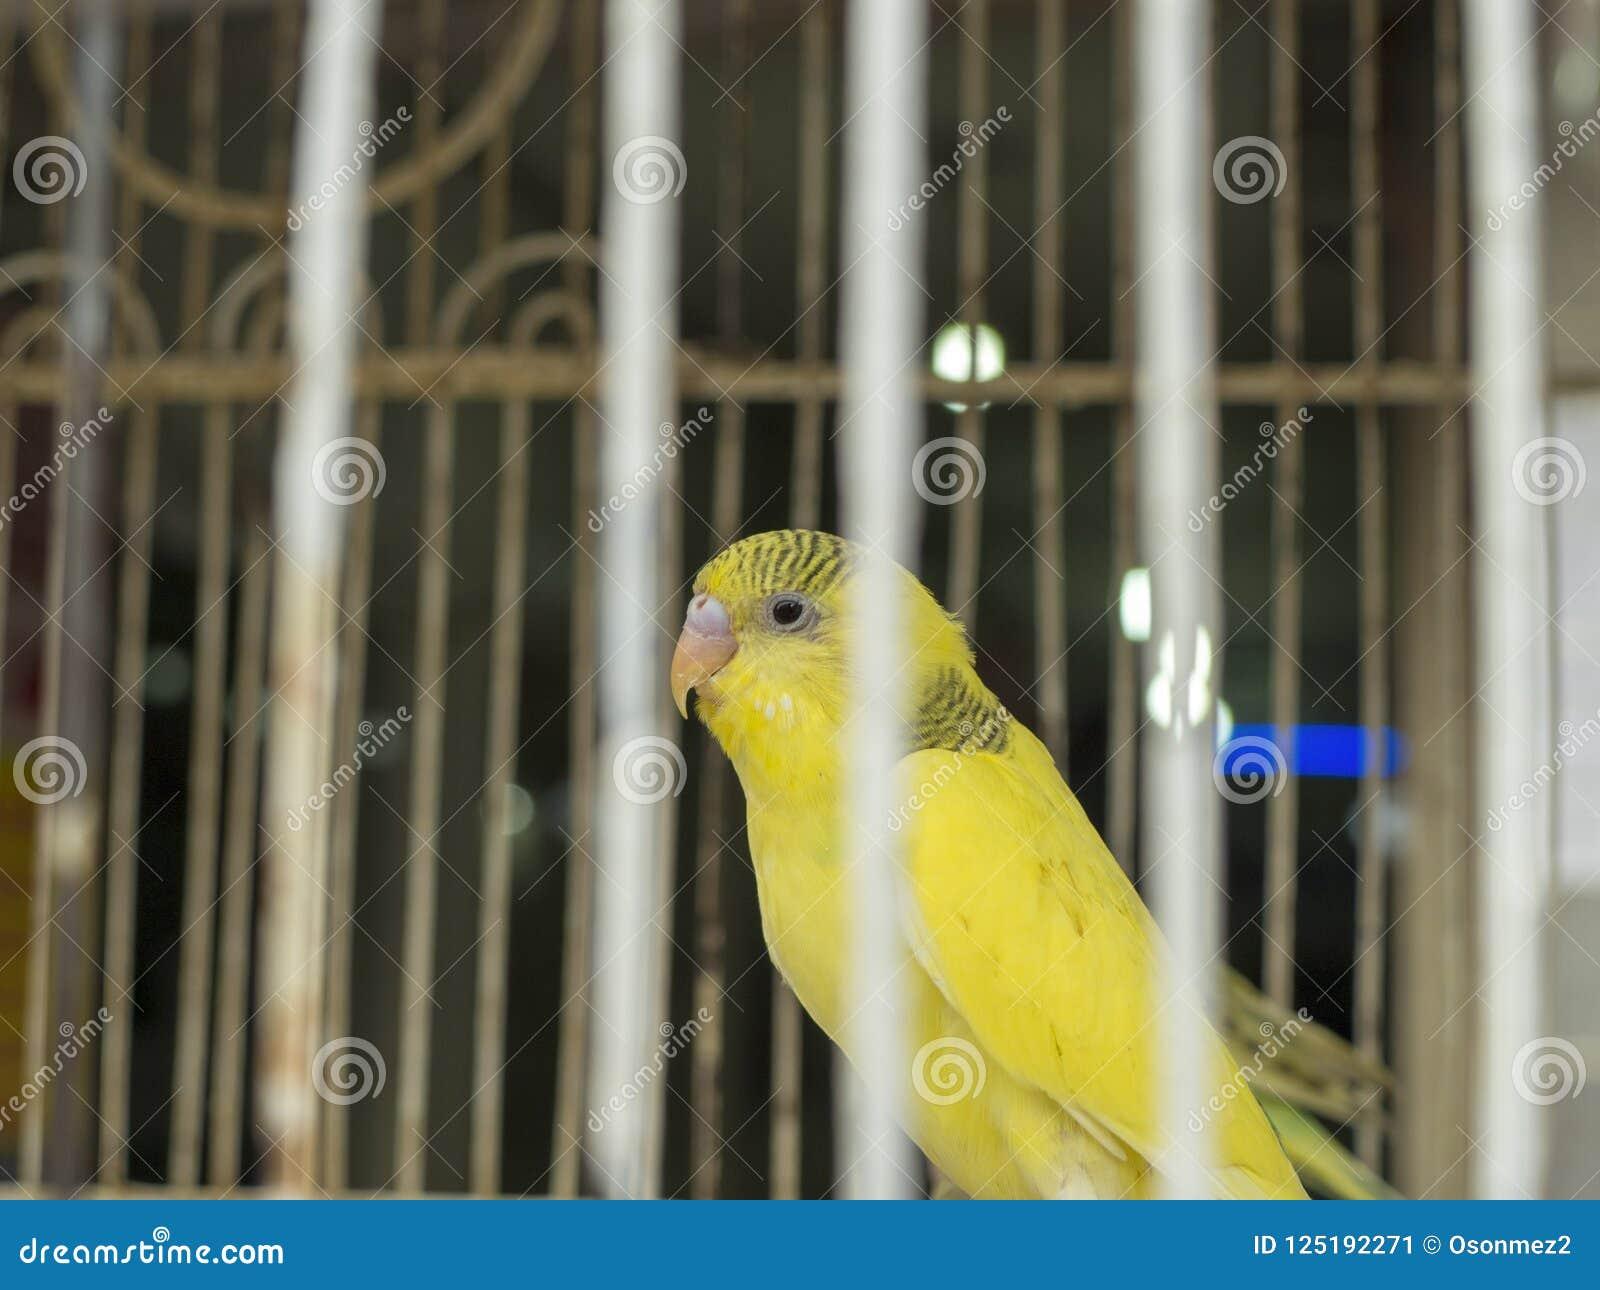 Gelb-farbiger Wellensittich im Käfig, der unter dem Käfig erscheint, bindet an